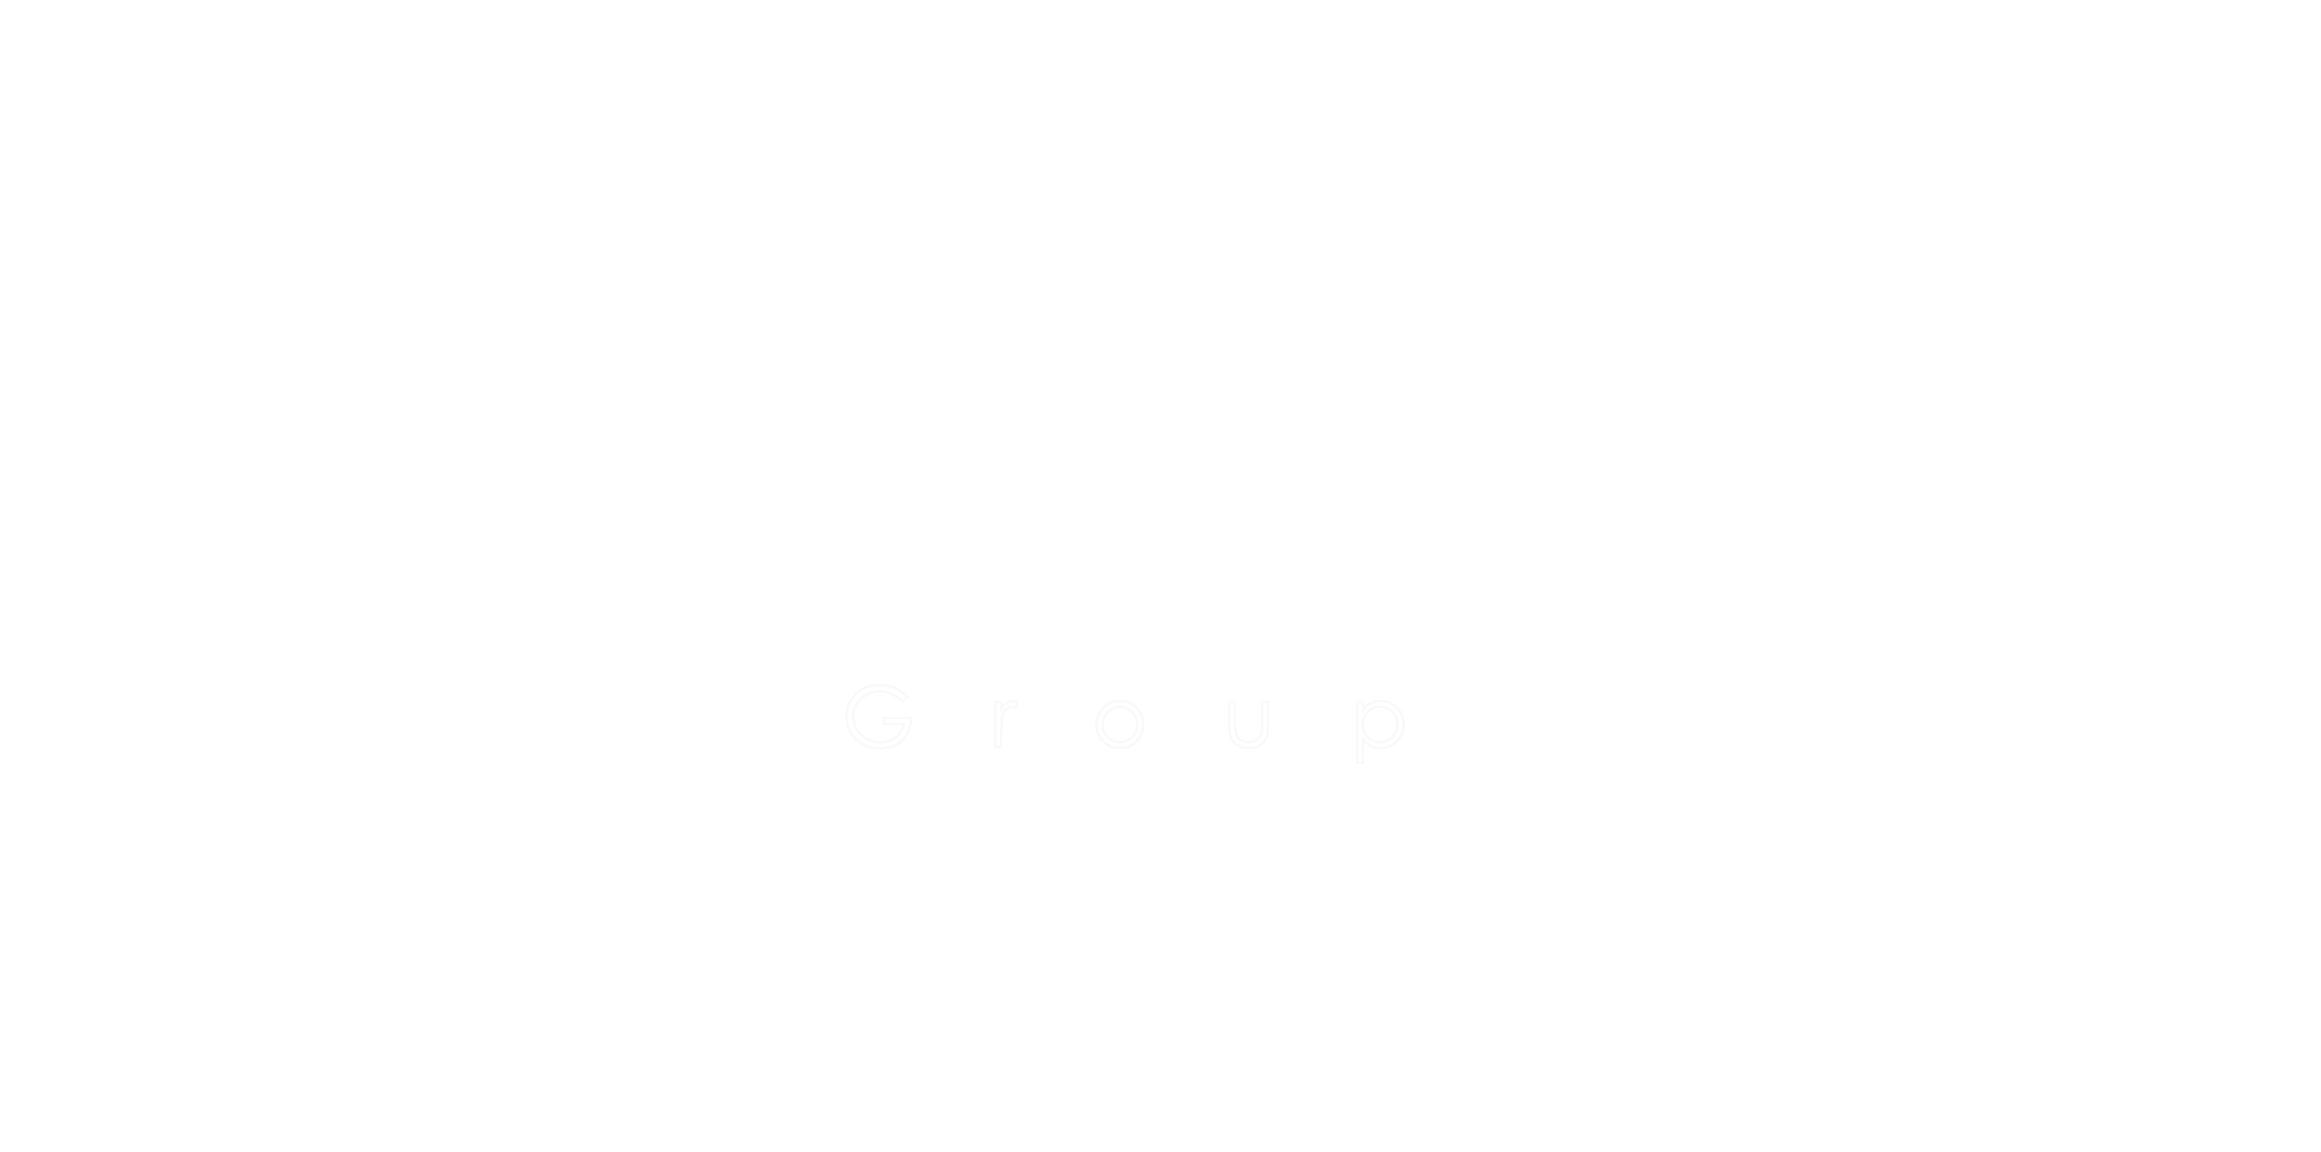 Araujo Group